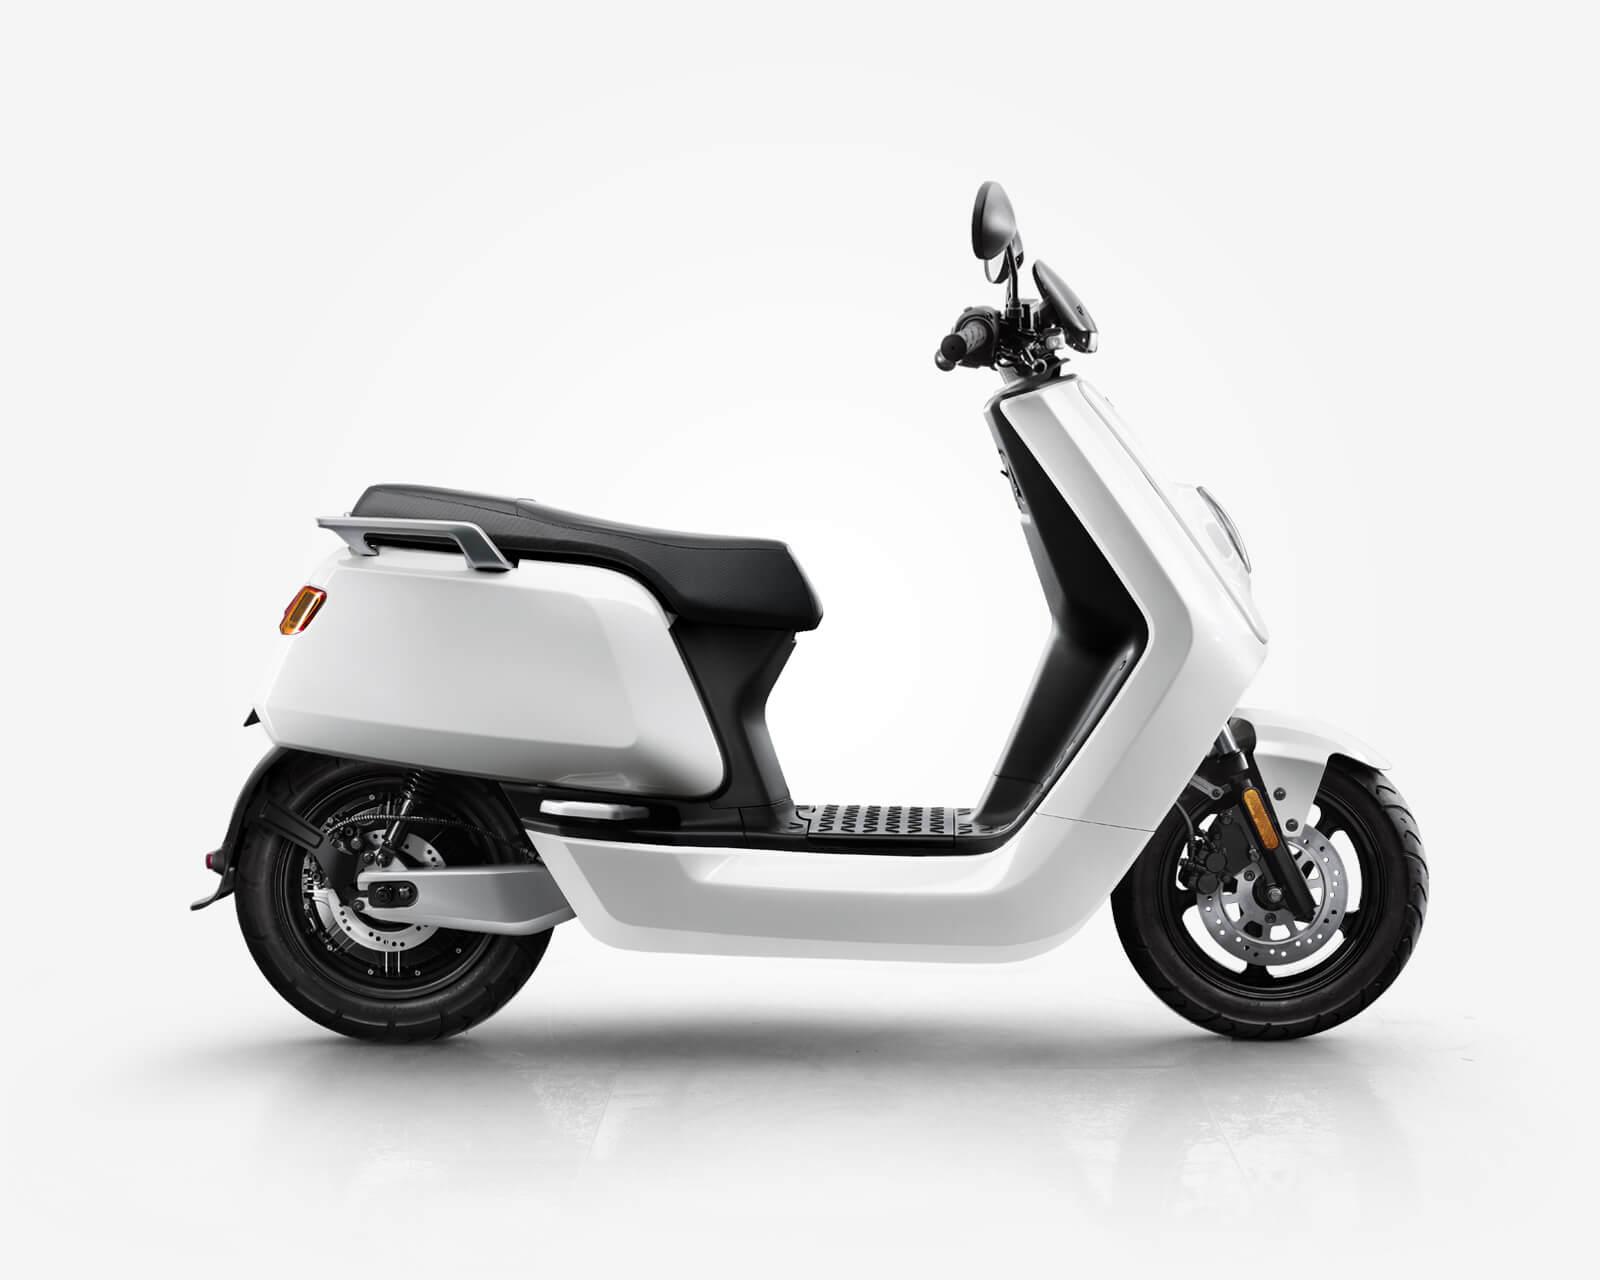 Scooter electrique 125 - niu-paris